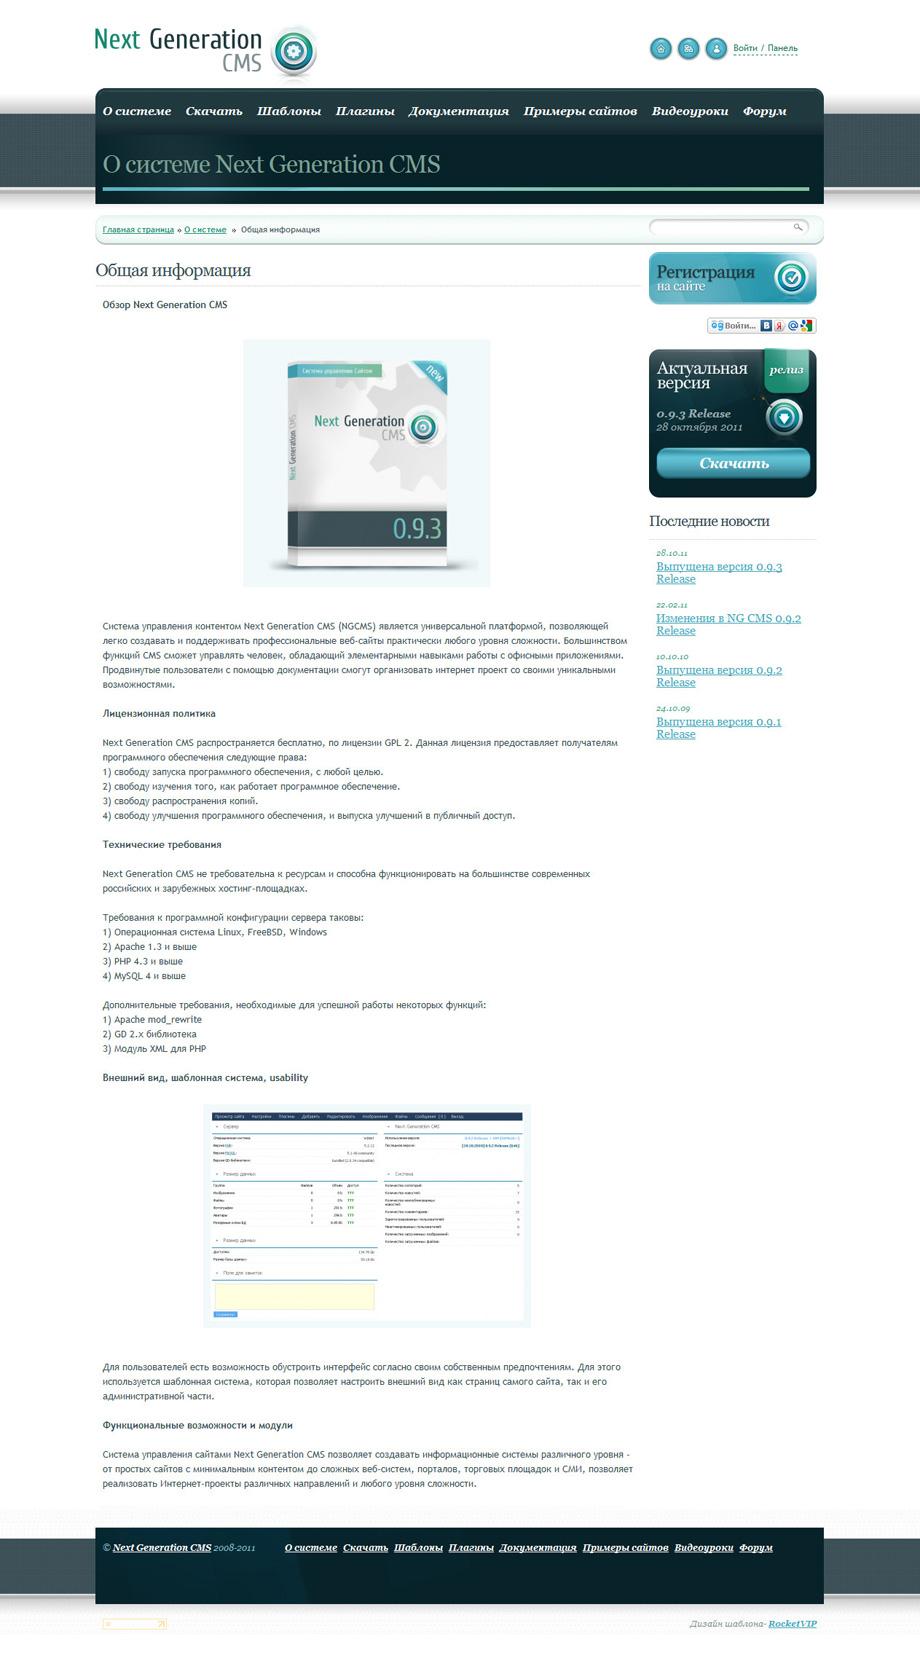 Разработка сайта для Next Generation CMS